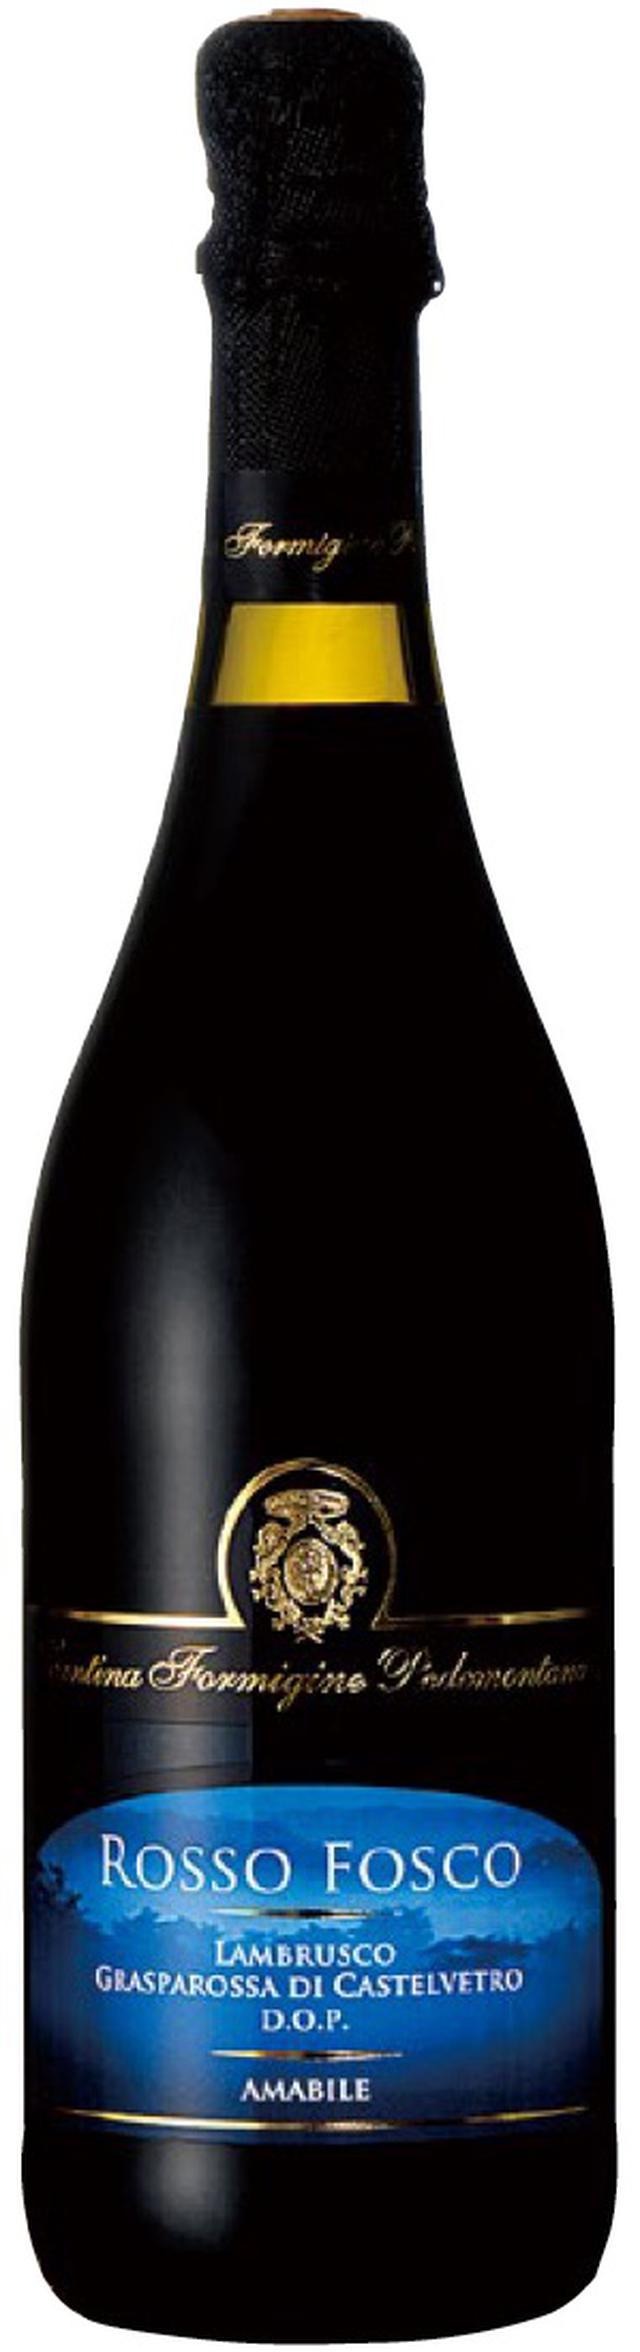 画像3: ワイン王国 2020年9月号/No.118 お勧め5ツ星の買える店(1000円台で見つけた冷やして美味しい赤ワイン)